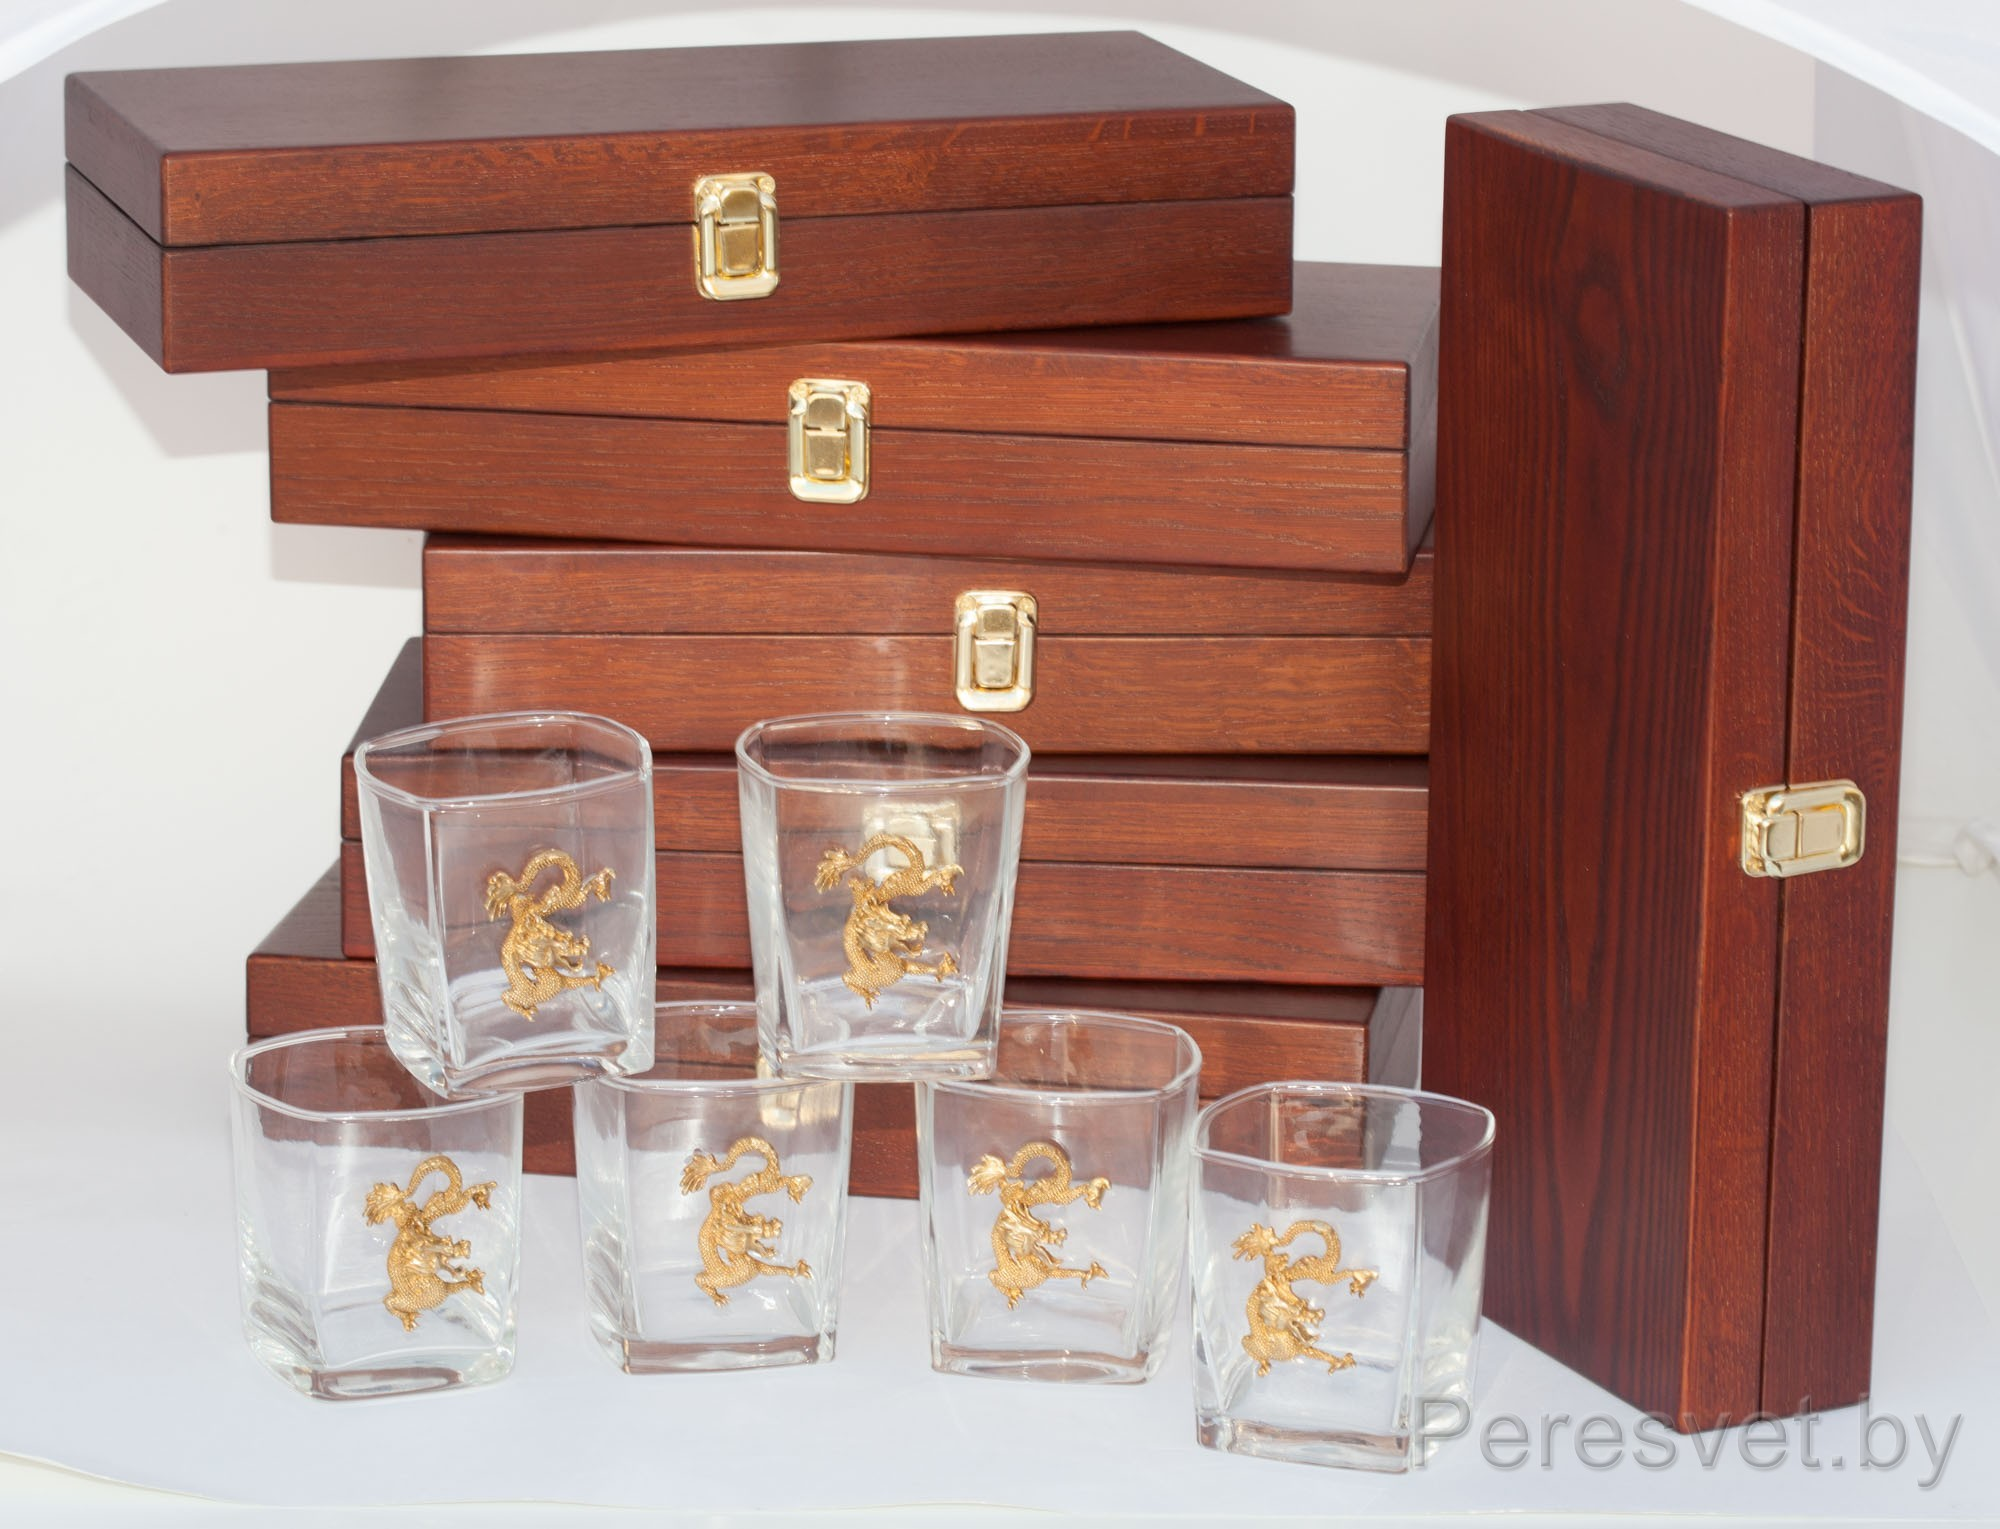 Подарочный набор для виски в дорогой упаковке из массива дерева на peresvet.by